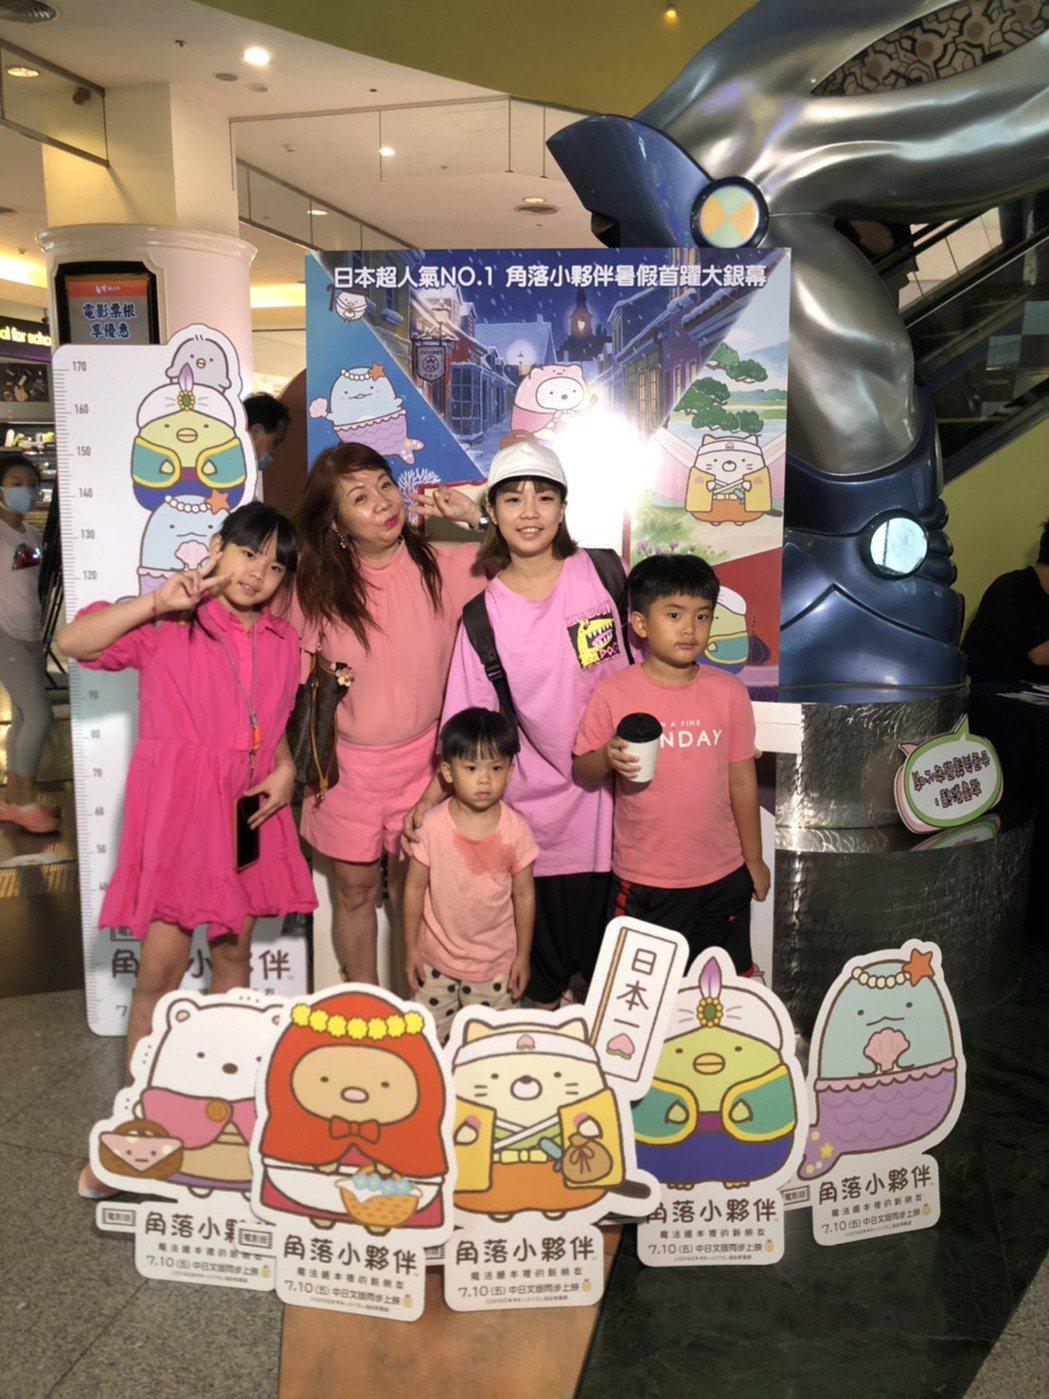 萁萁與萁媽全家大小一起來欣賞「角落小夥伴電影版」。圖/威視提供